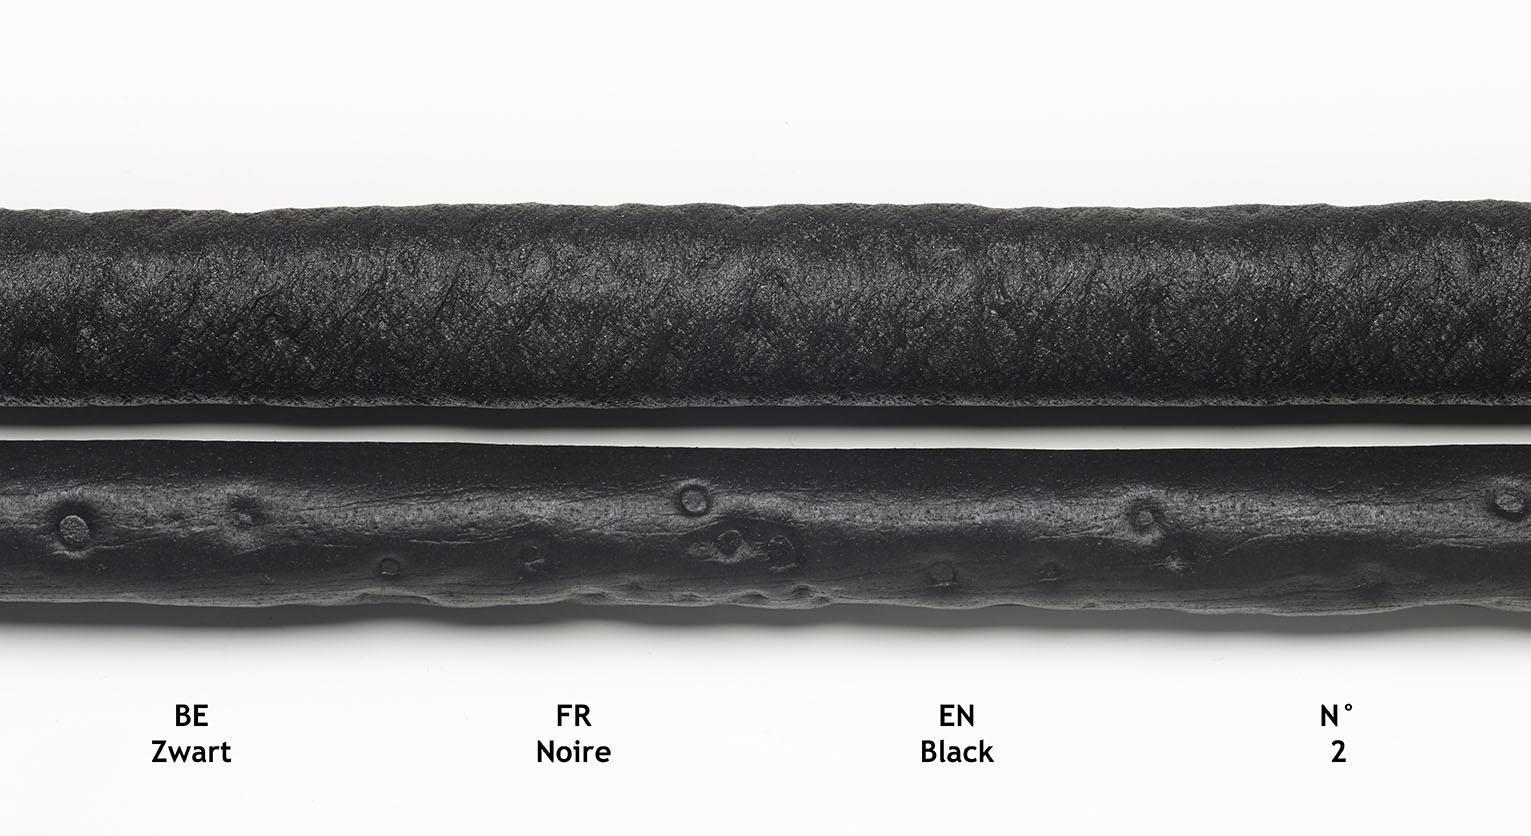 2 – Zwart